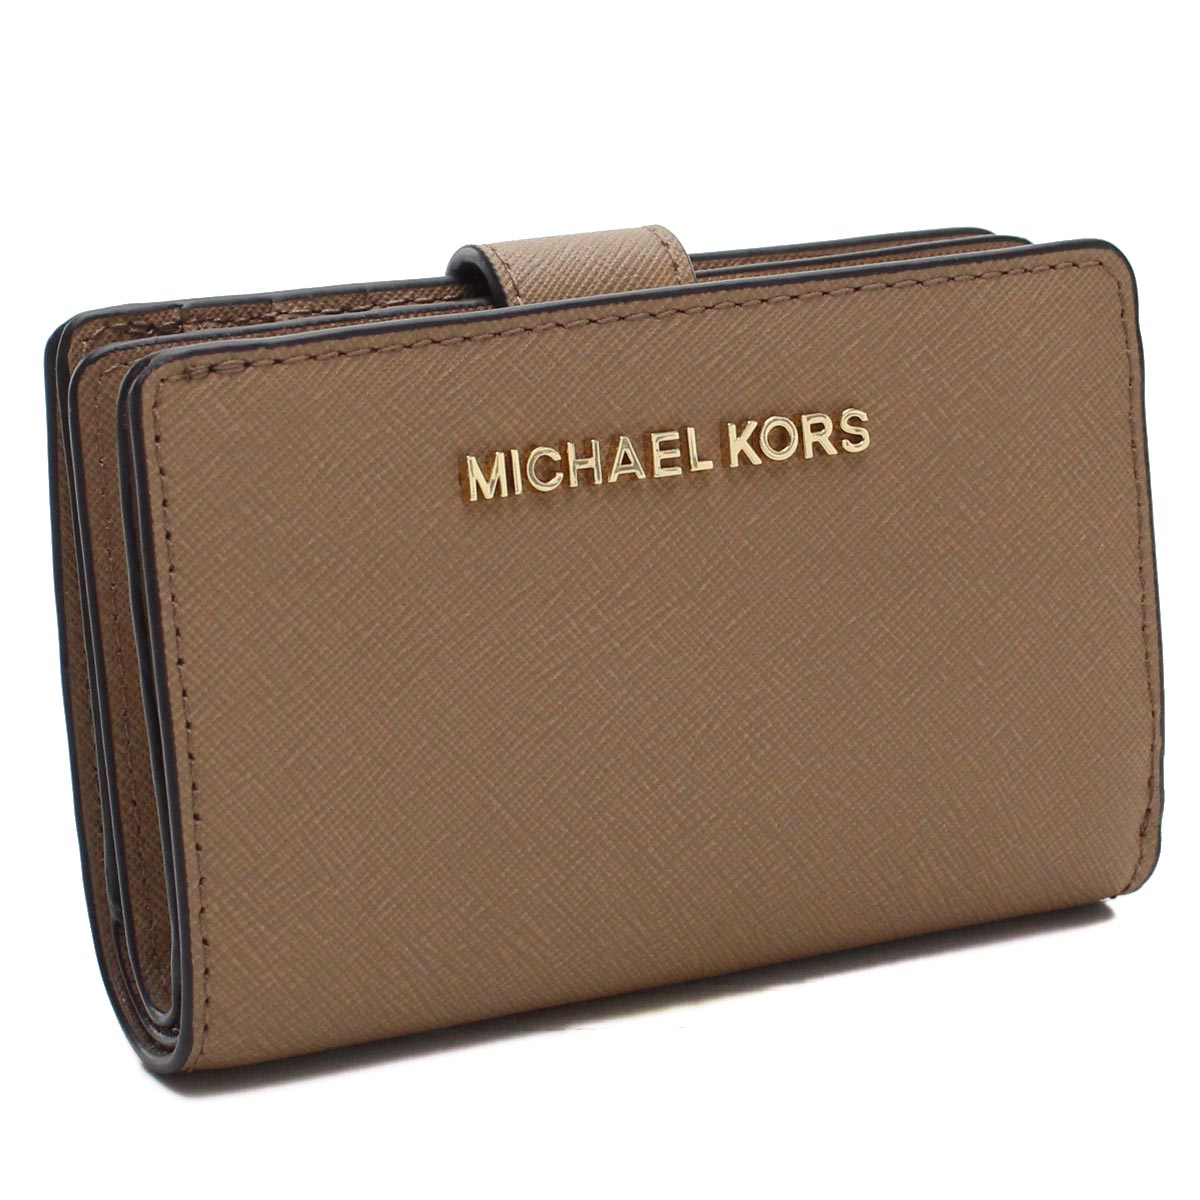 マイケルコースアウトレット MICHAEL KORS(OUTLET) コンパクト 2つ折り財布 35F7GTVF2L LEATHER DK/KH ブラウン系 レディース